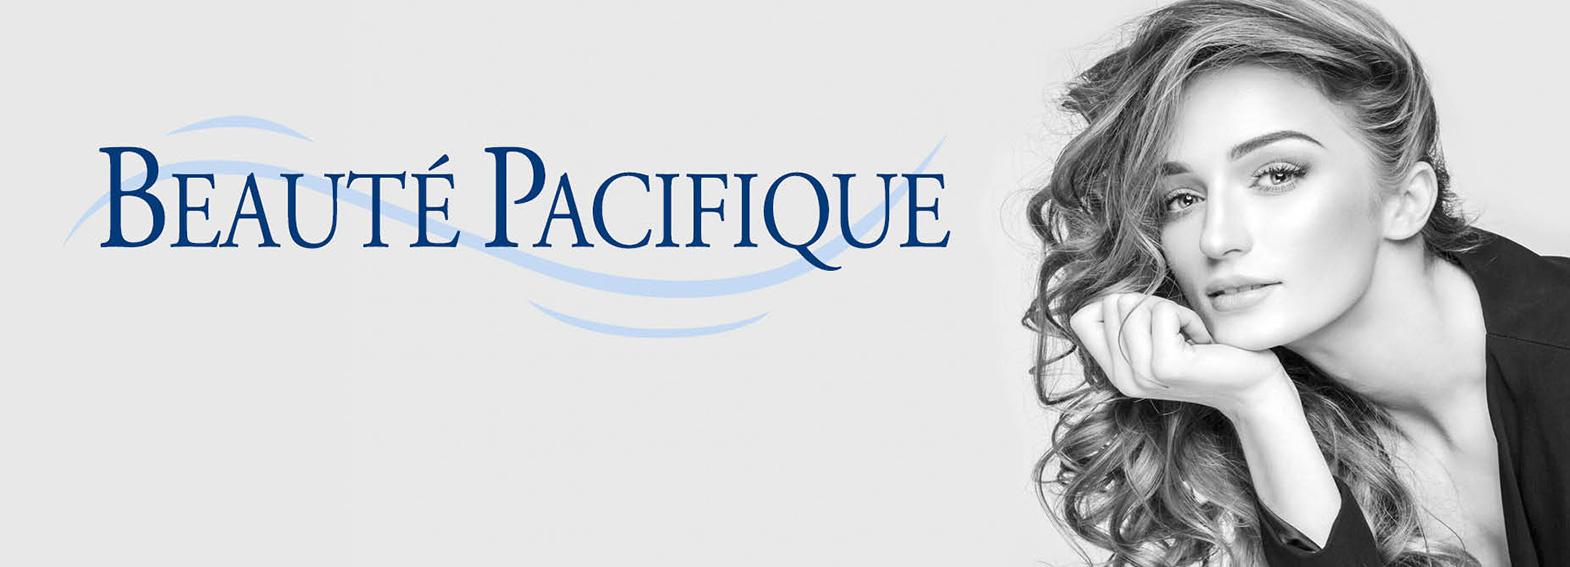 Beauté Pacifique | Lave priser | Rask levering | Bangerhead